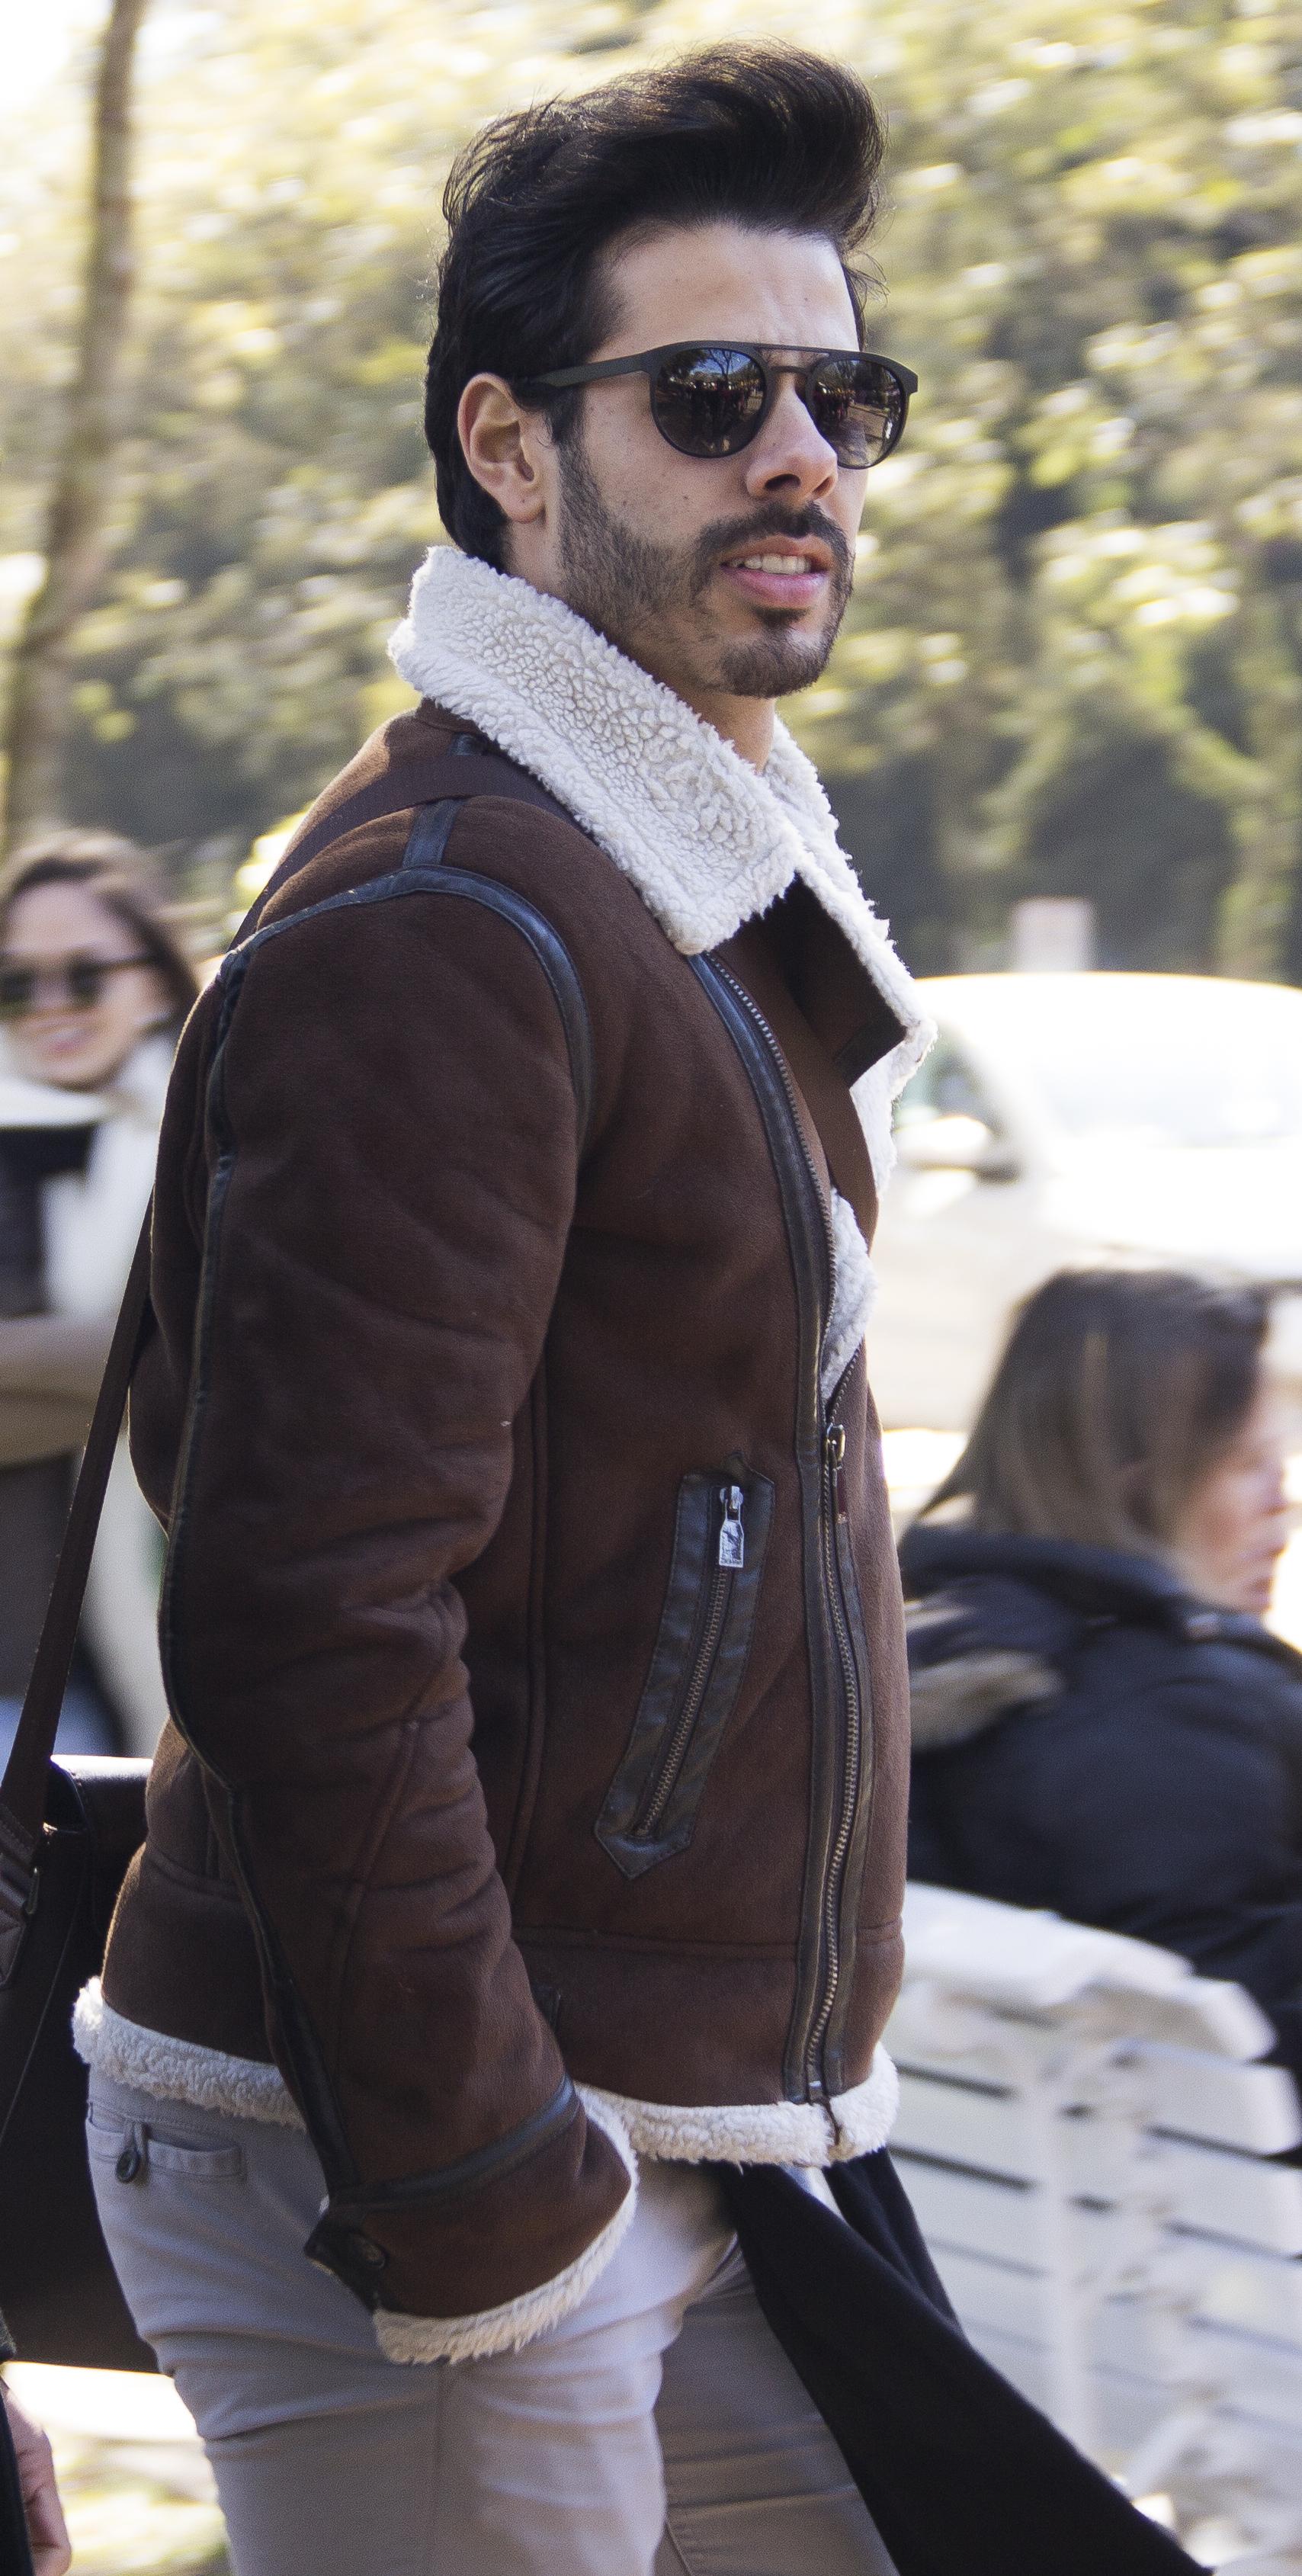 Entre mantas e toucas  o que rolou de moda no Vestibular da UPF ... 20ba9787789